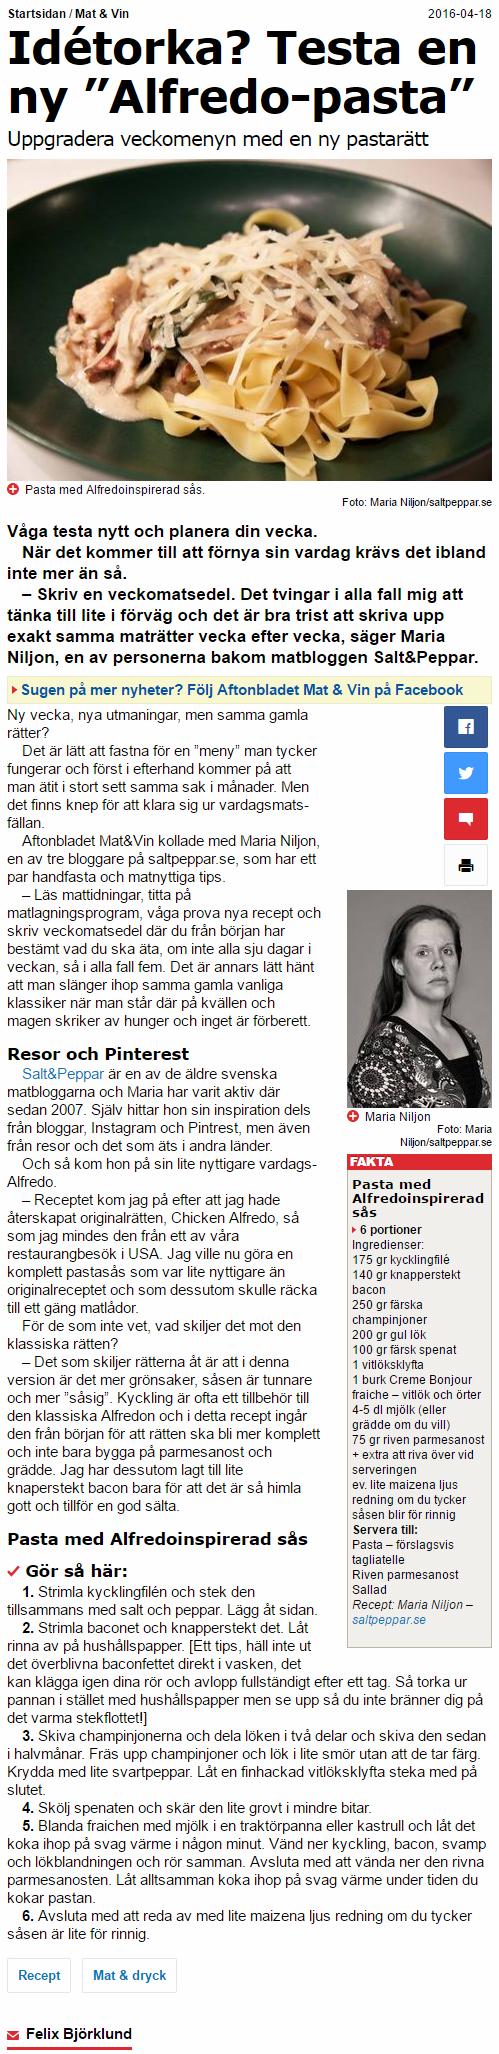 160419_aftonbladet02